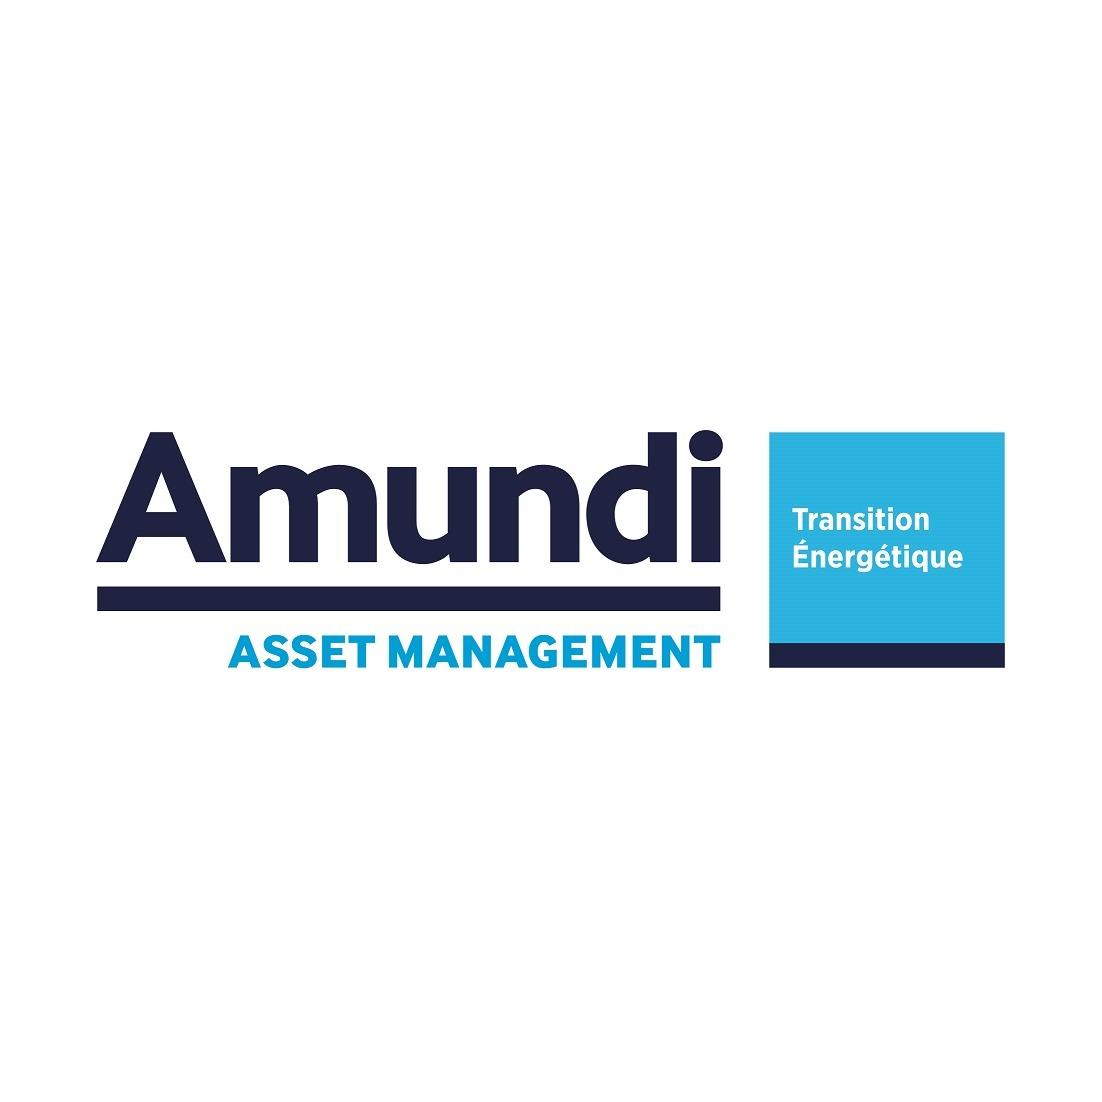 the Amundi Asset Management logo.